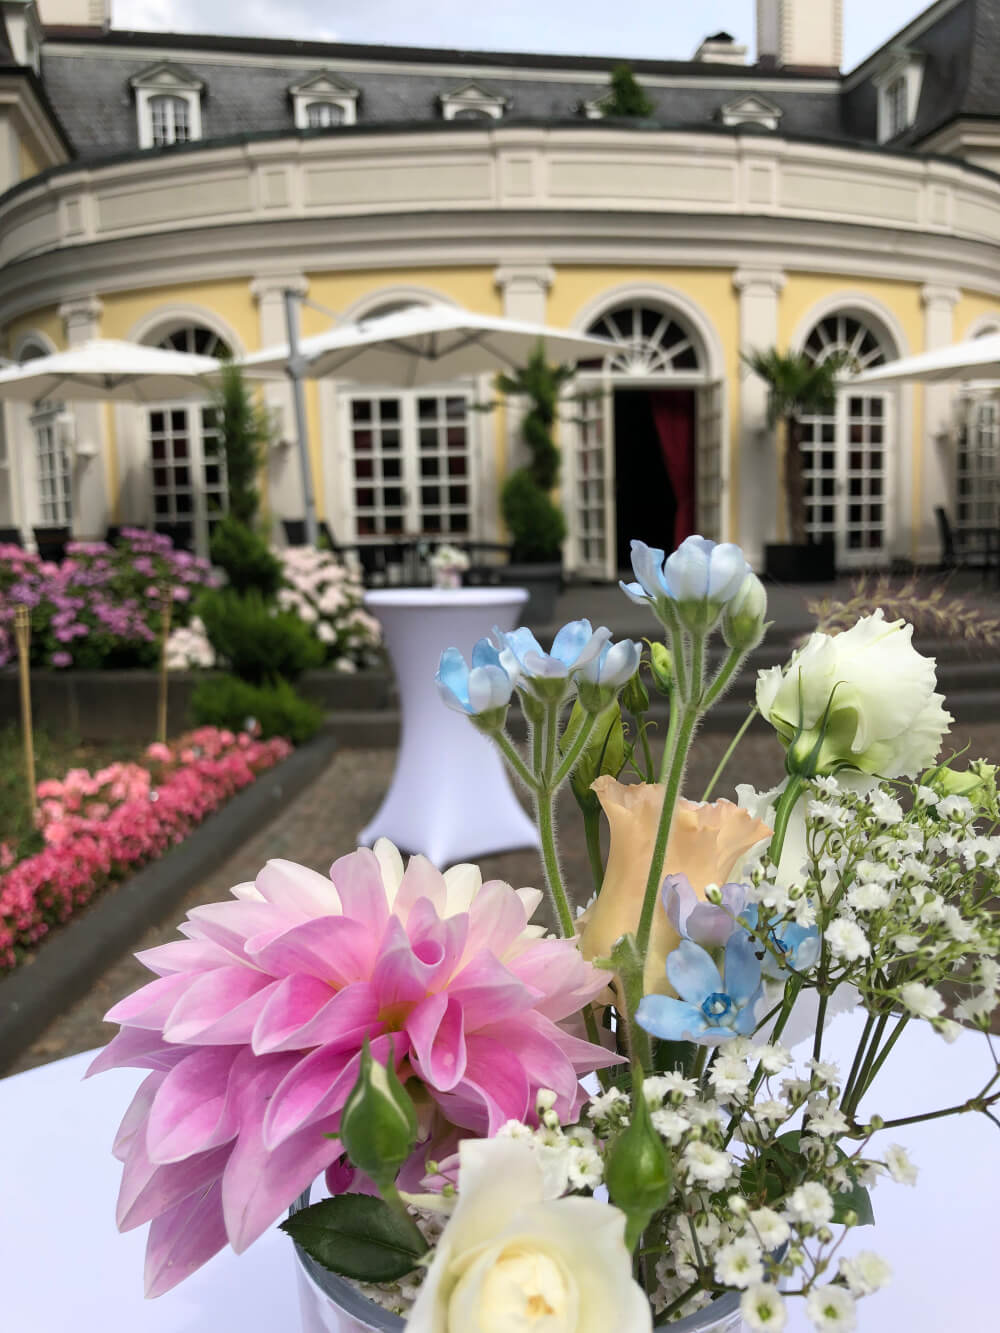 La Redoute Bonn Terrasse freie Trauung – gesehen bei frauimmer-herrewig.de